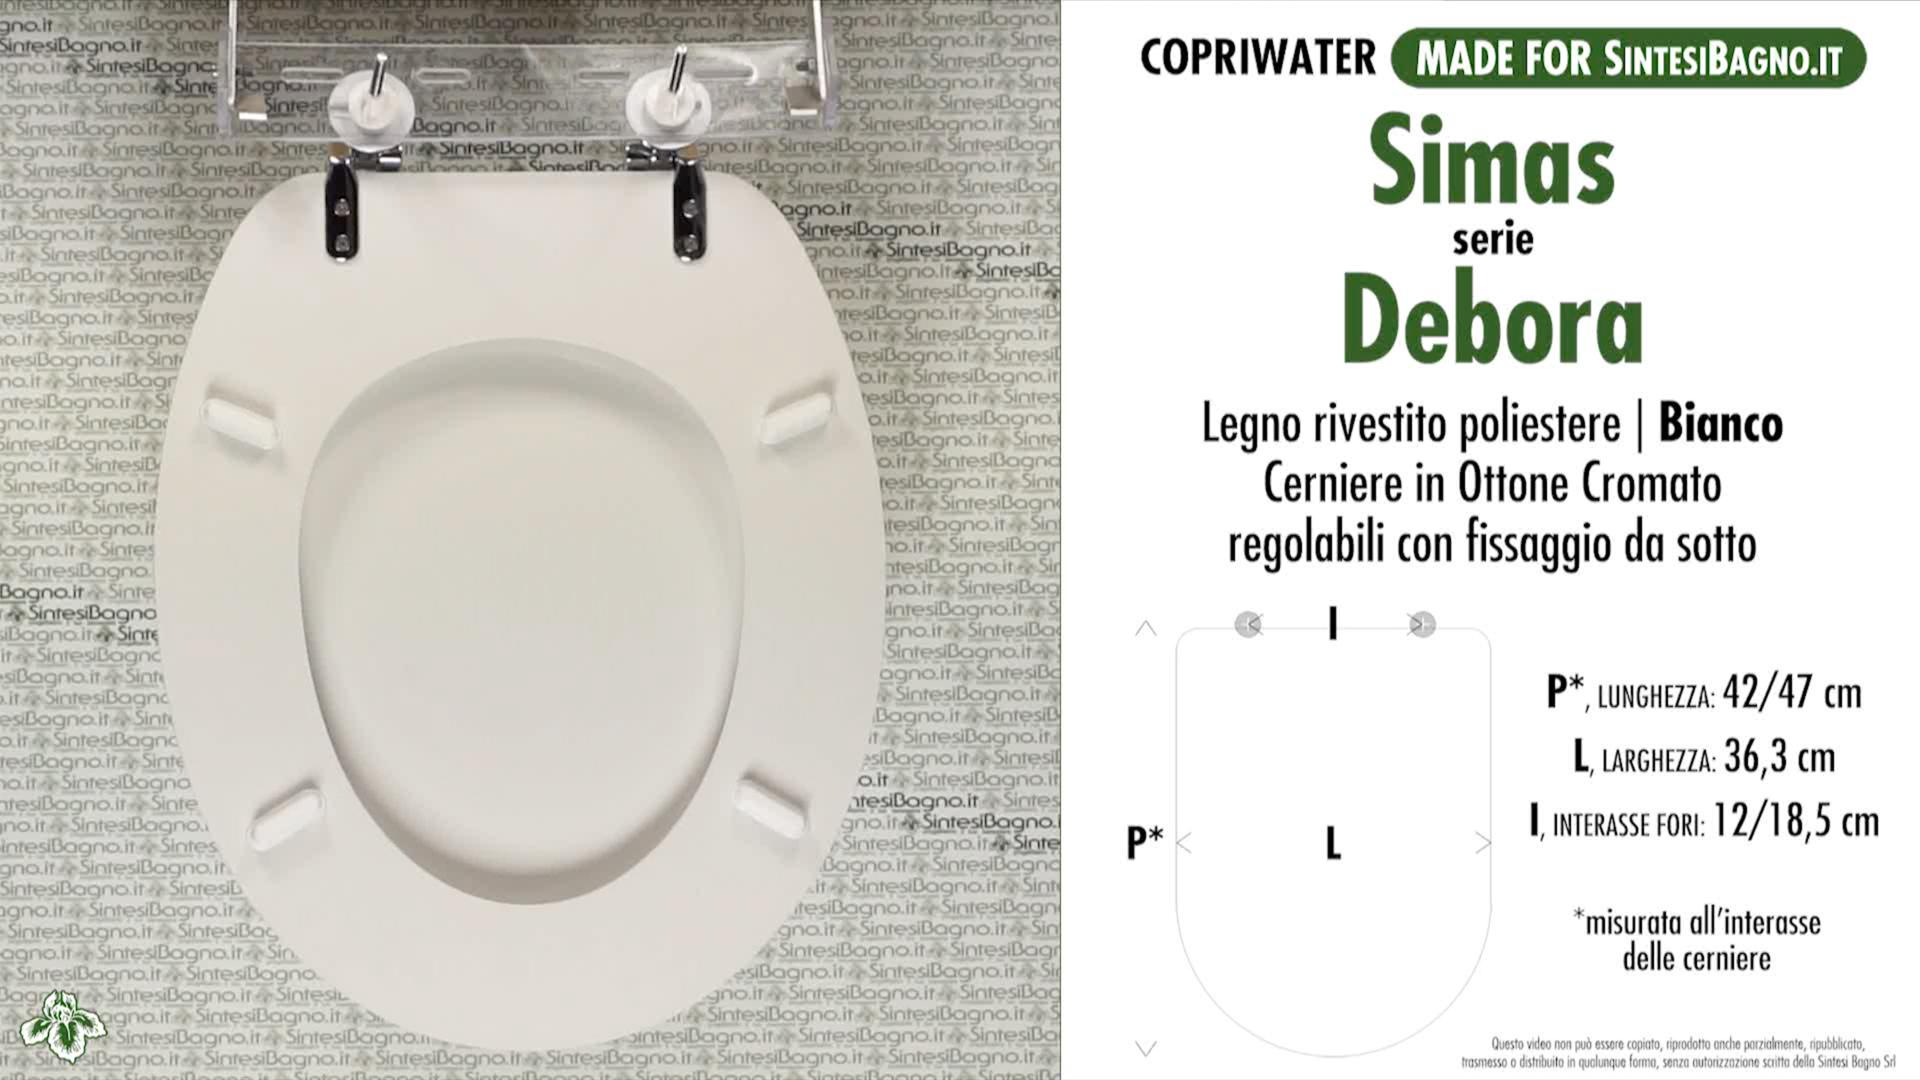 SCHEDA TECNICA MISURE copriwater SIMAS DEBORA